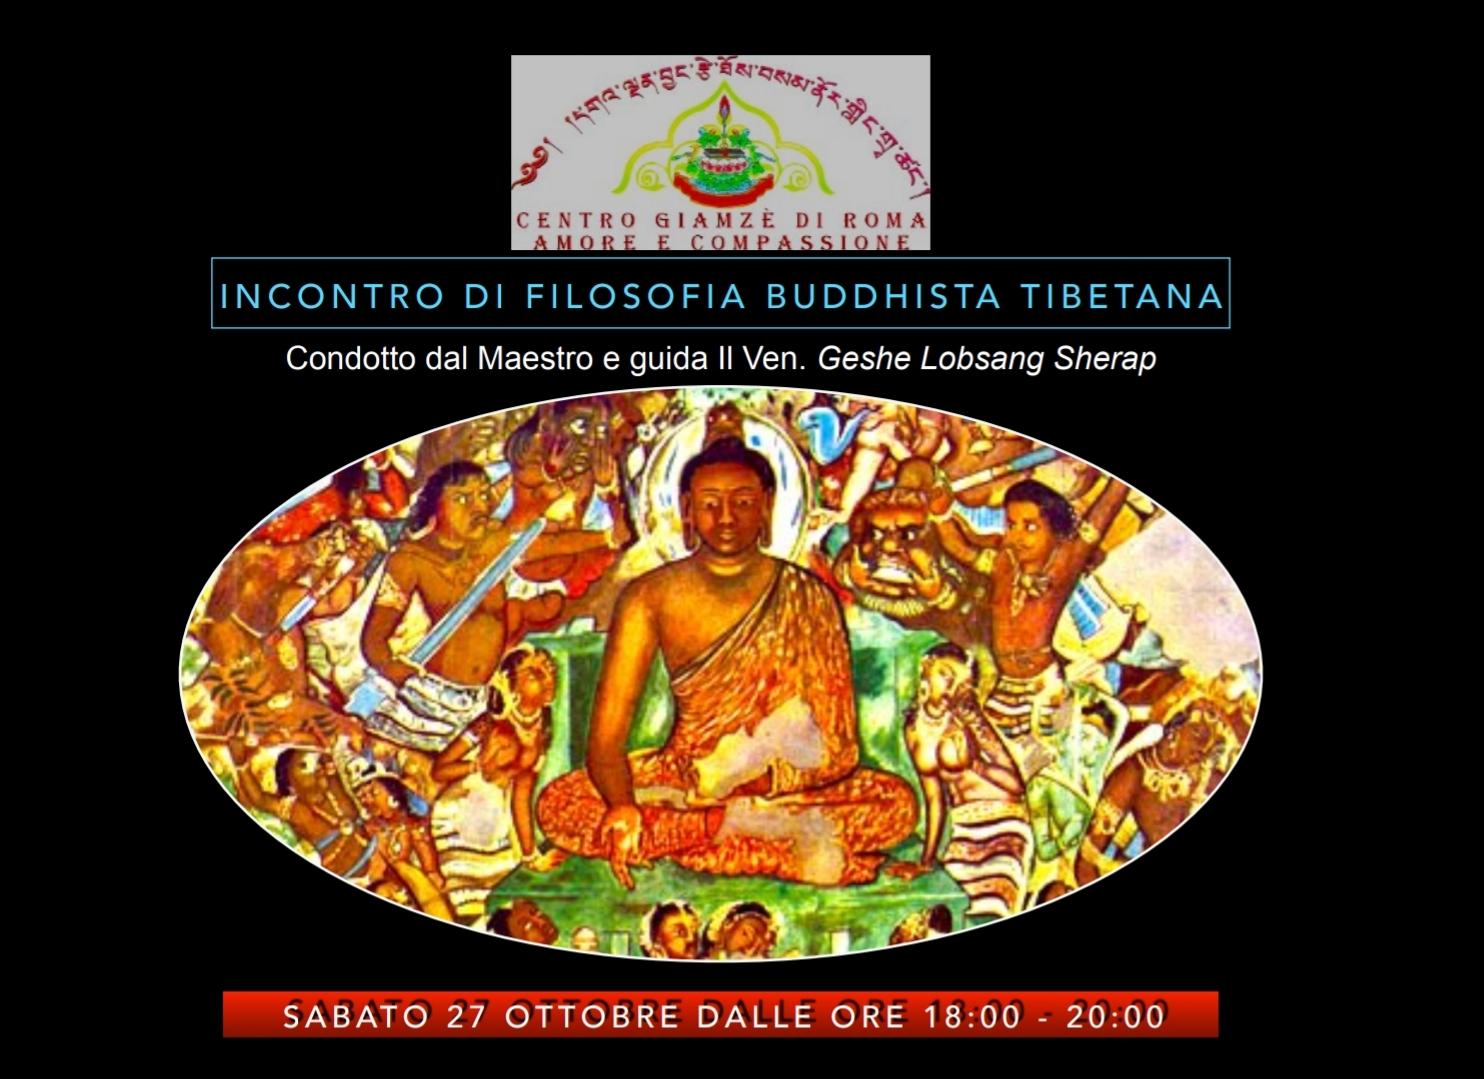 Come Uscire Da Una Mente Confusa Secondo La Filosofia Bubbhista Tibetana condotto dal Maestro e Guida Il Ven. Geshe Lobsang Sherap